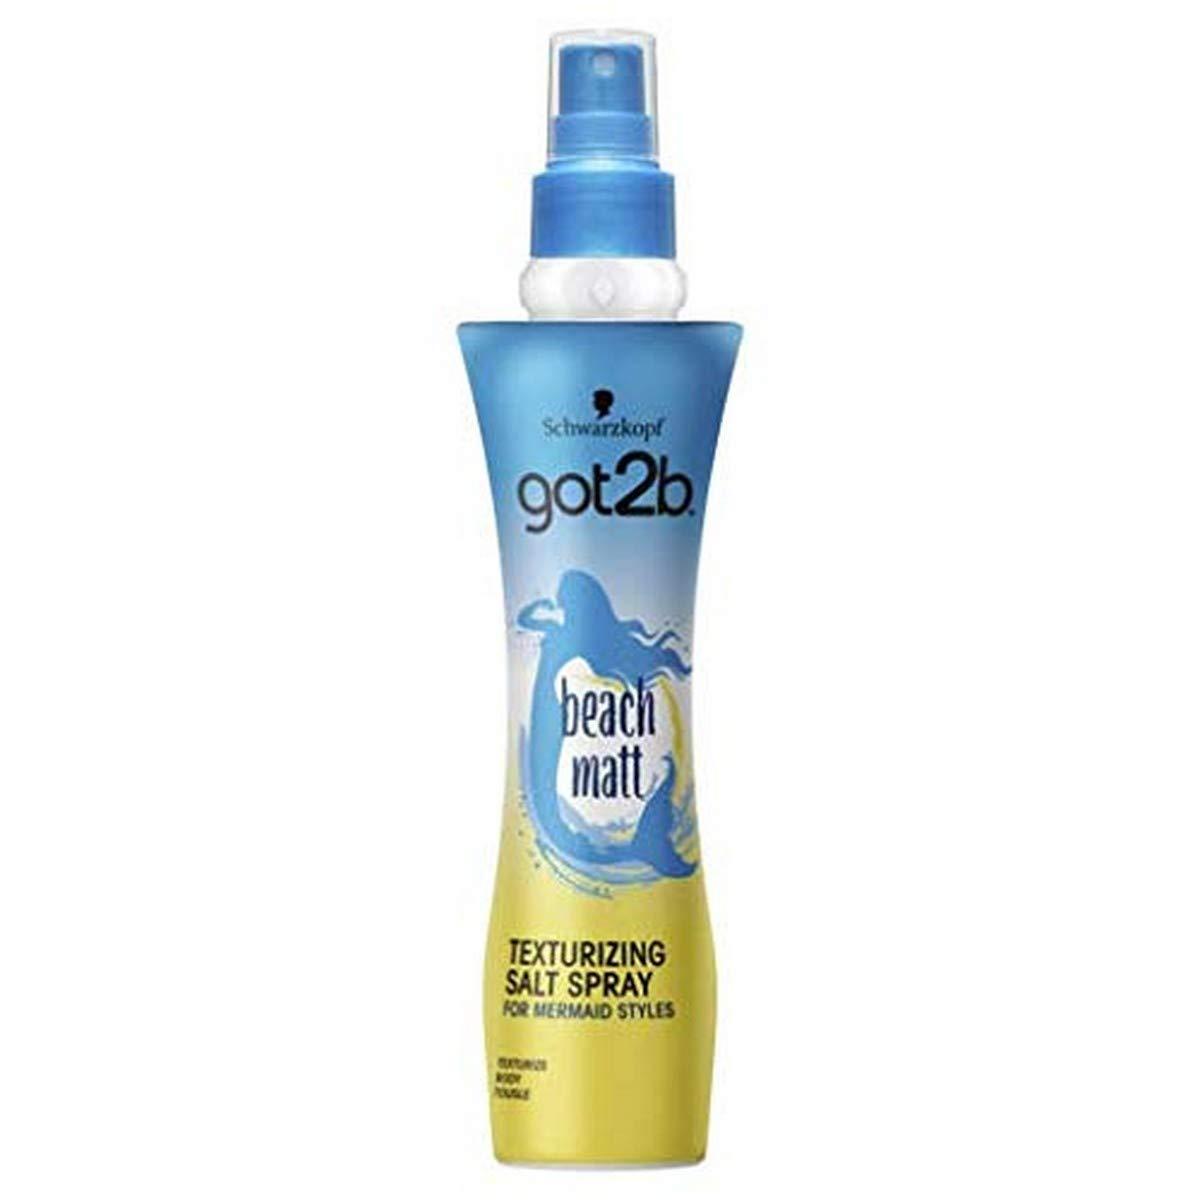 Schwarzkopf got2b Beach Matt Salt Hair Spray, Creates Waves and Textures with a Matt Finish, 200 ml